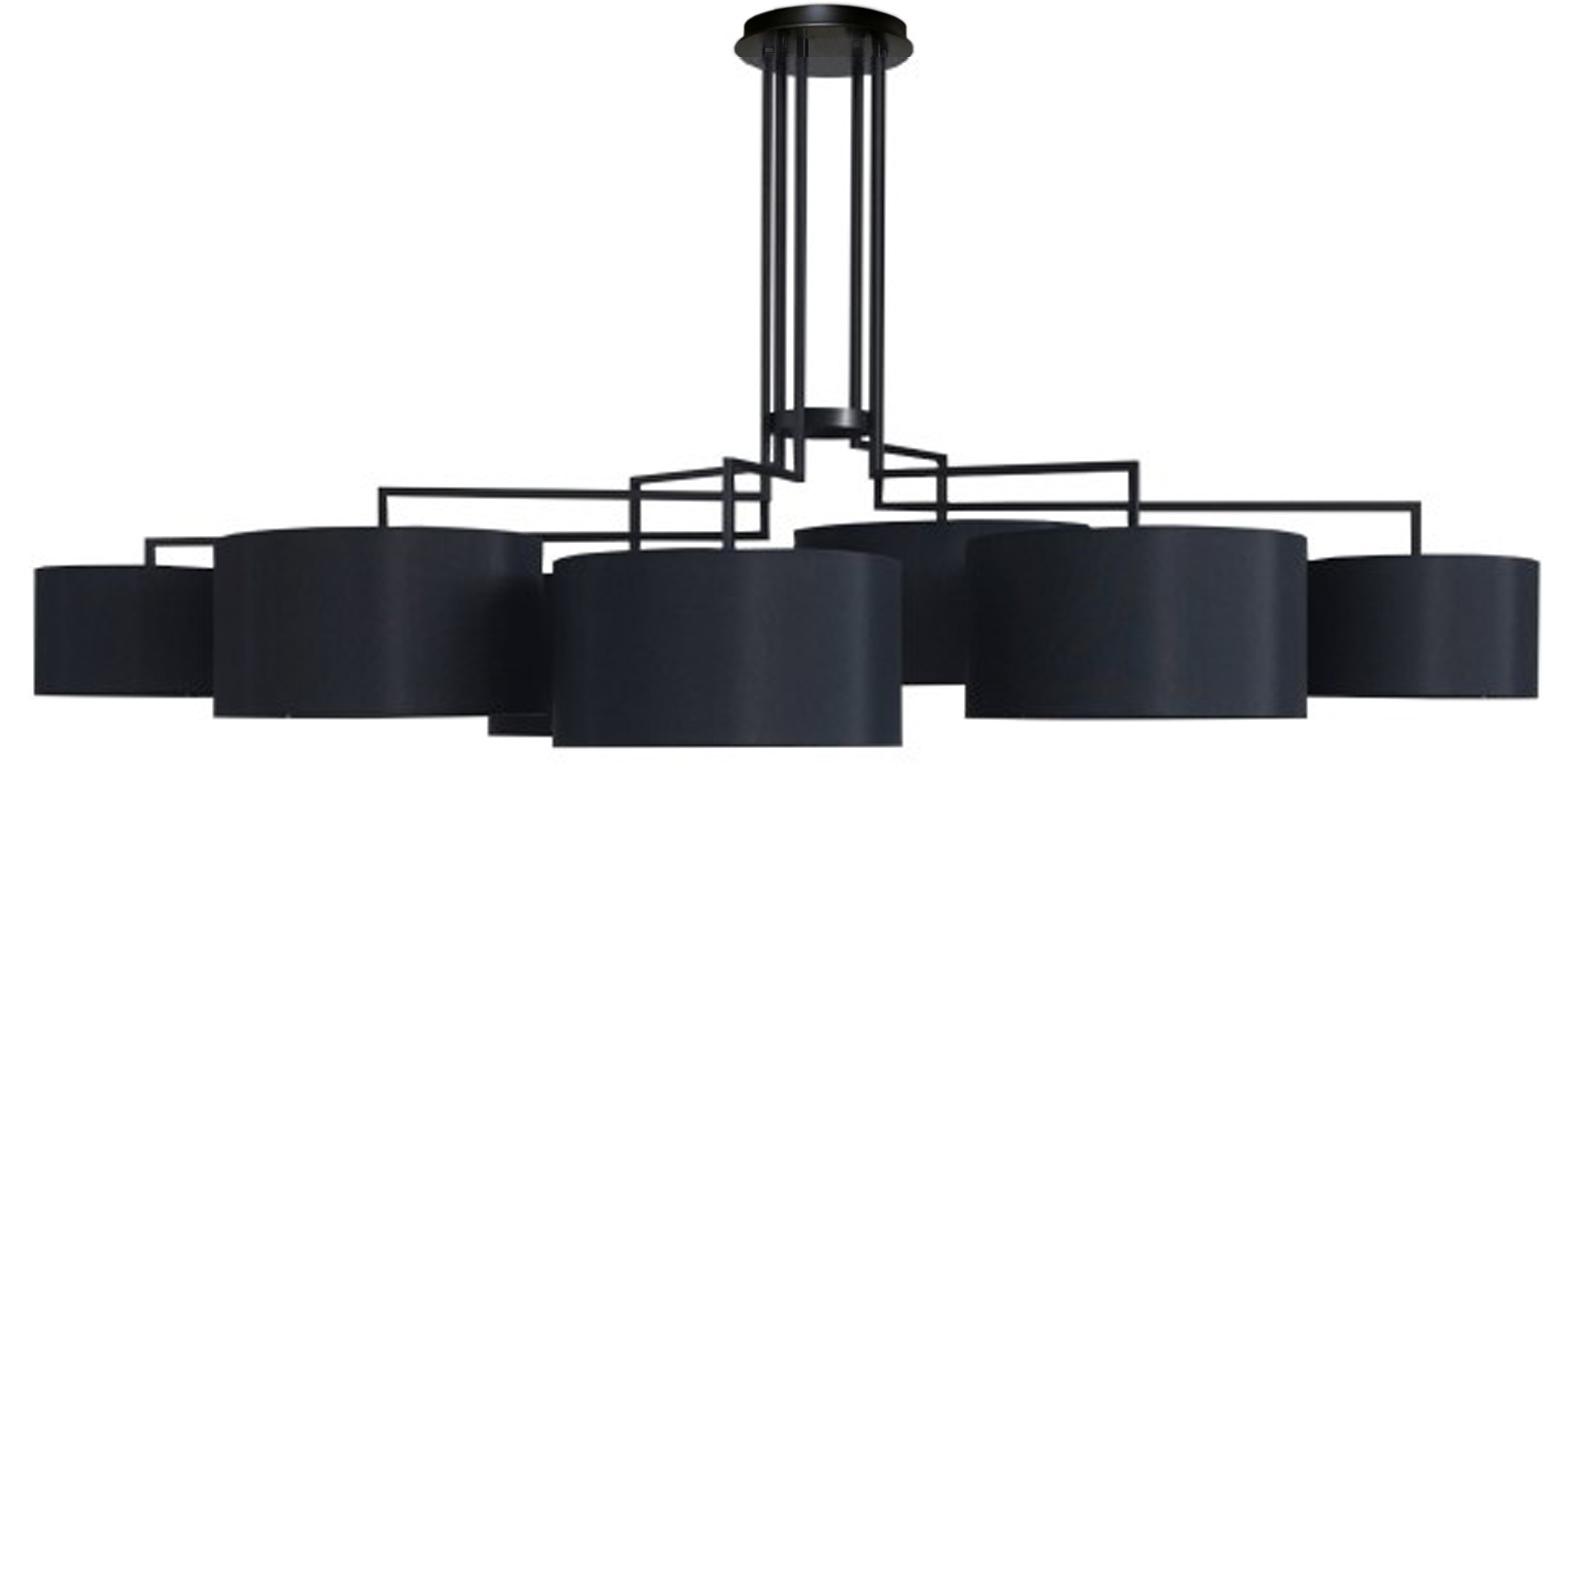 Потолочный светильник копия Noon 7 by Zeitraum (черный)